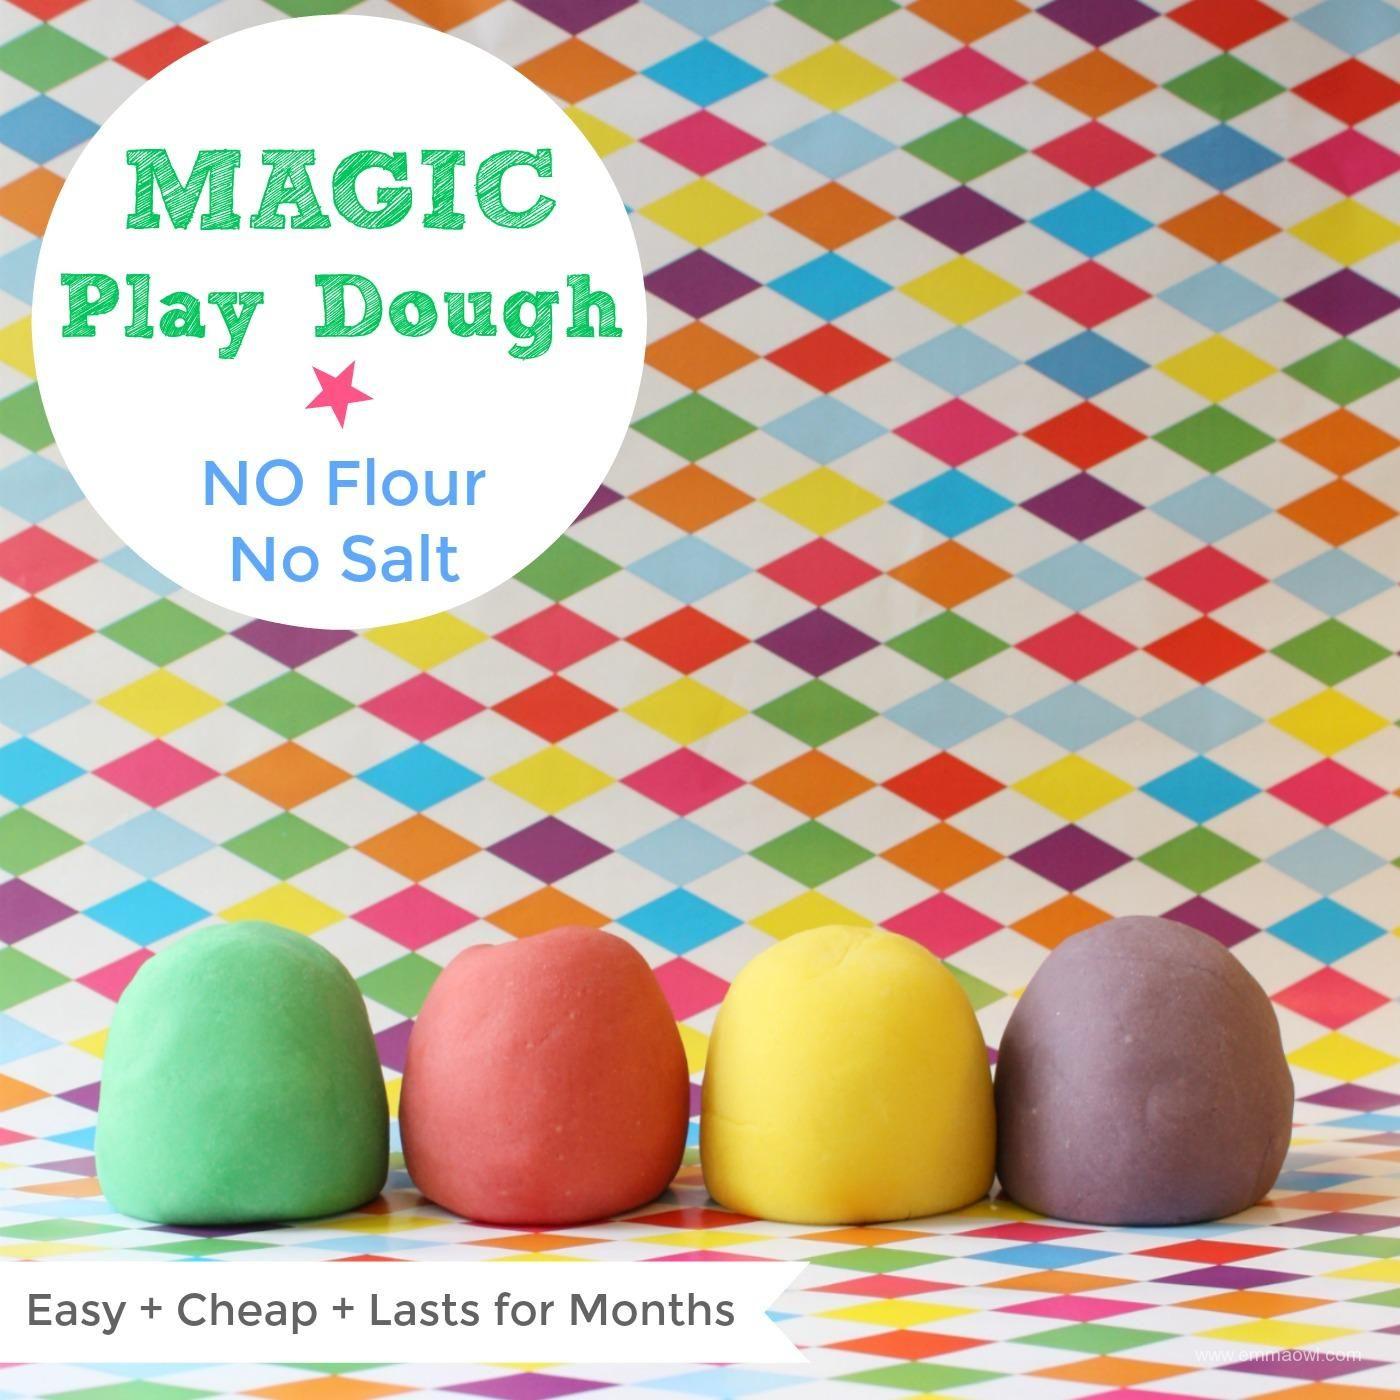 Magic Play Dough No Flour No Salt Playdough, Homemade